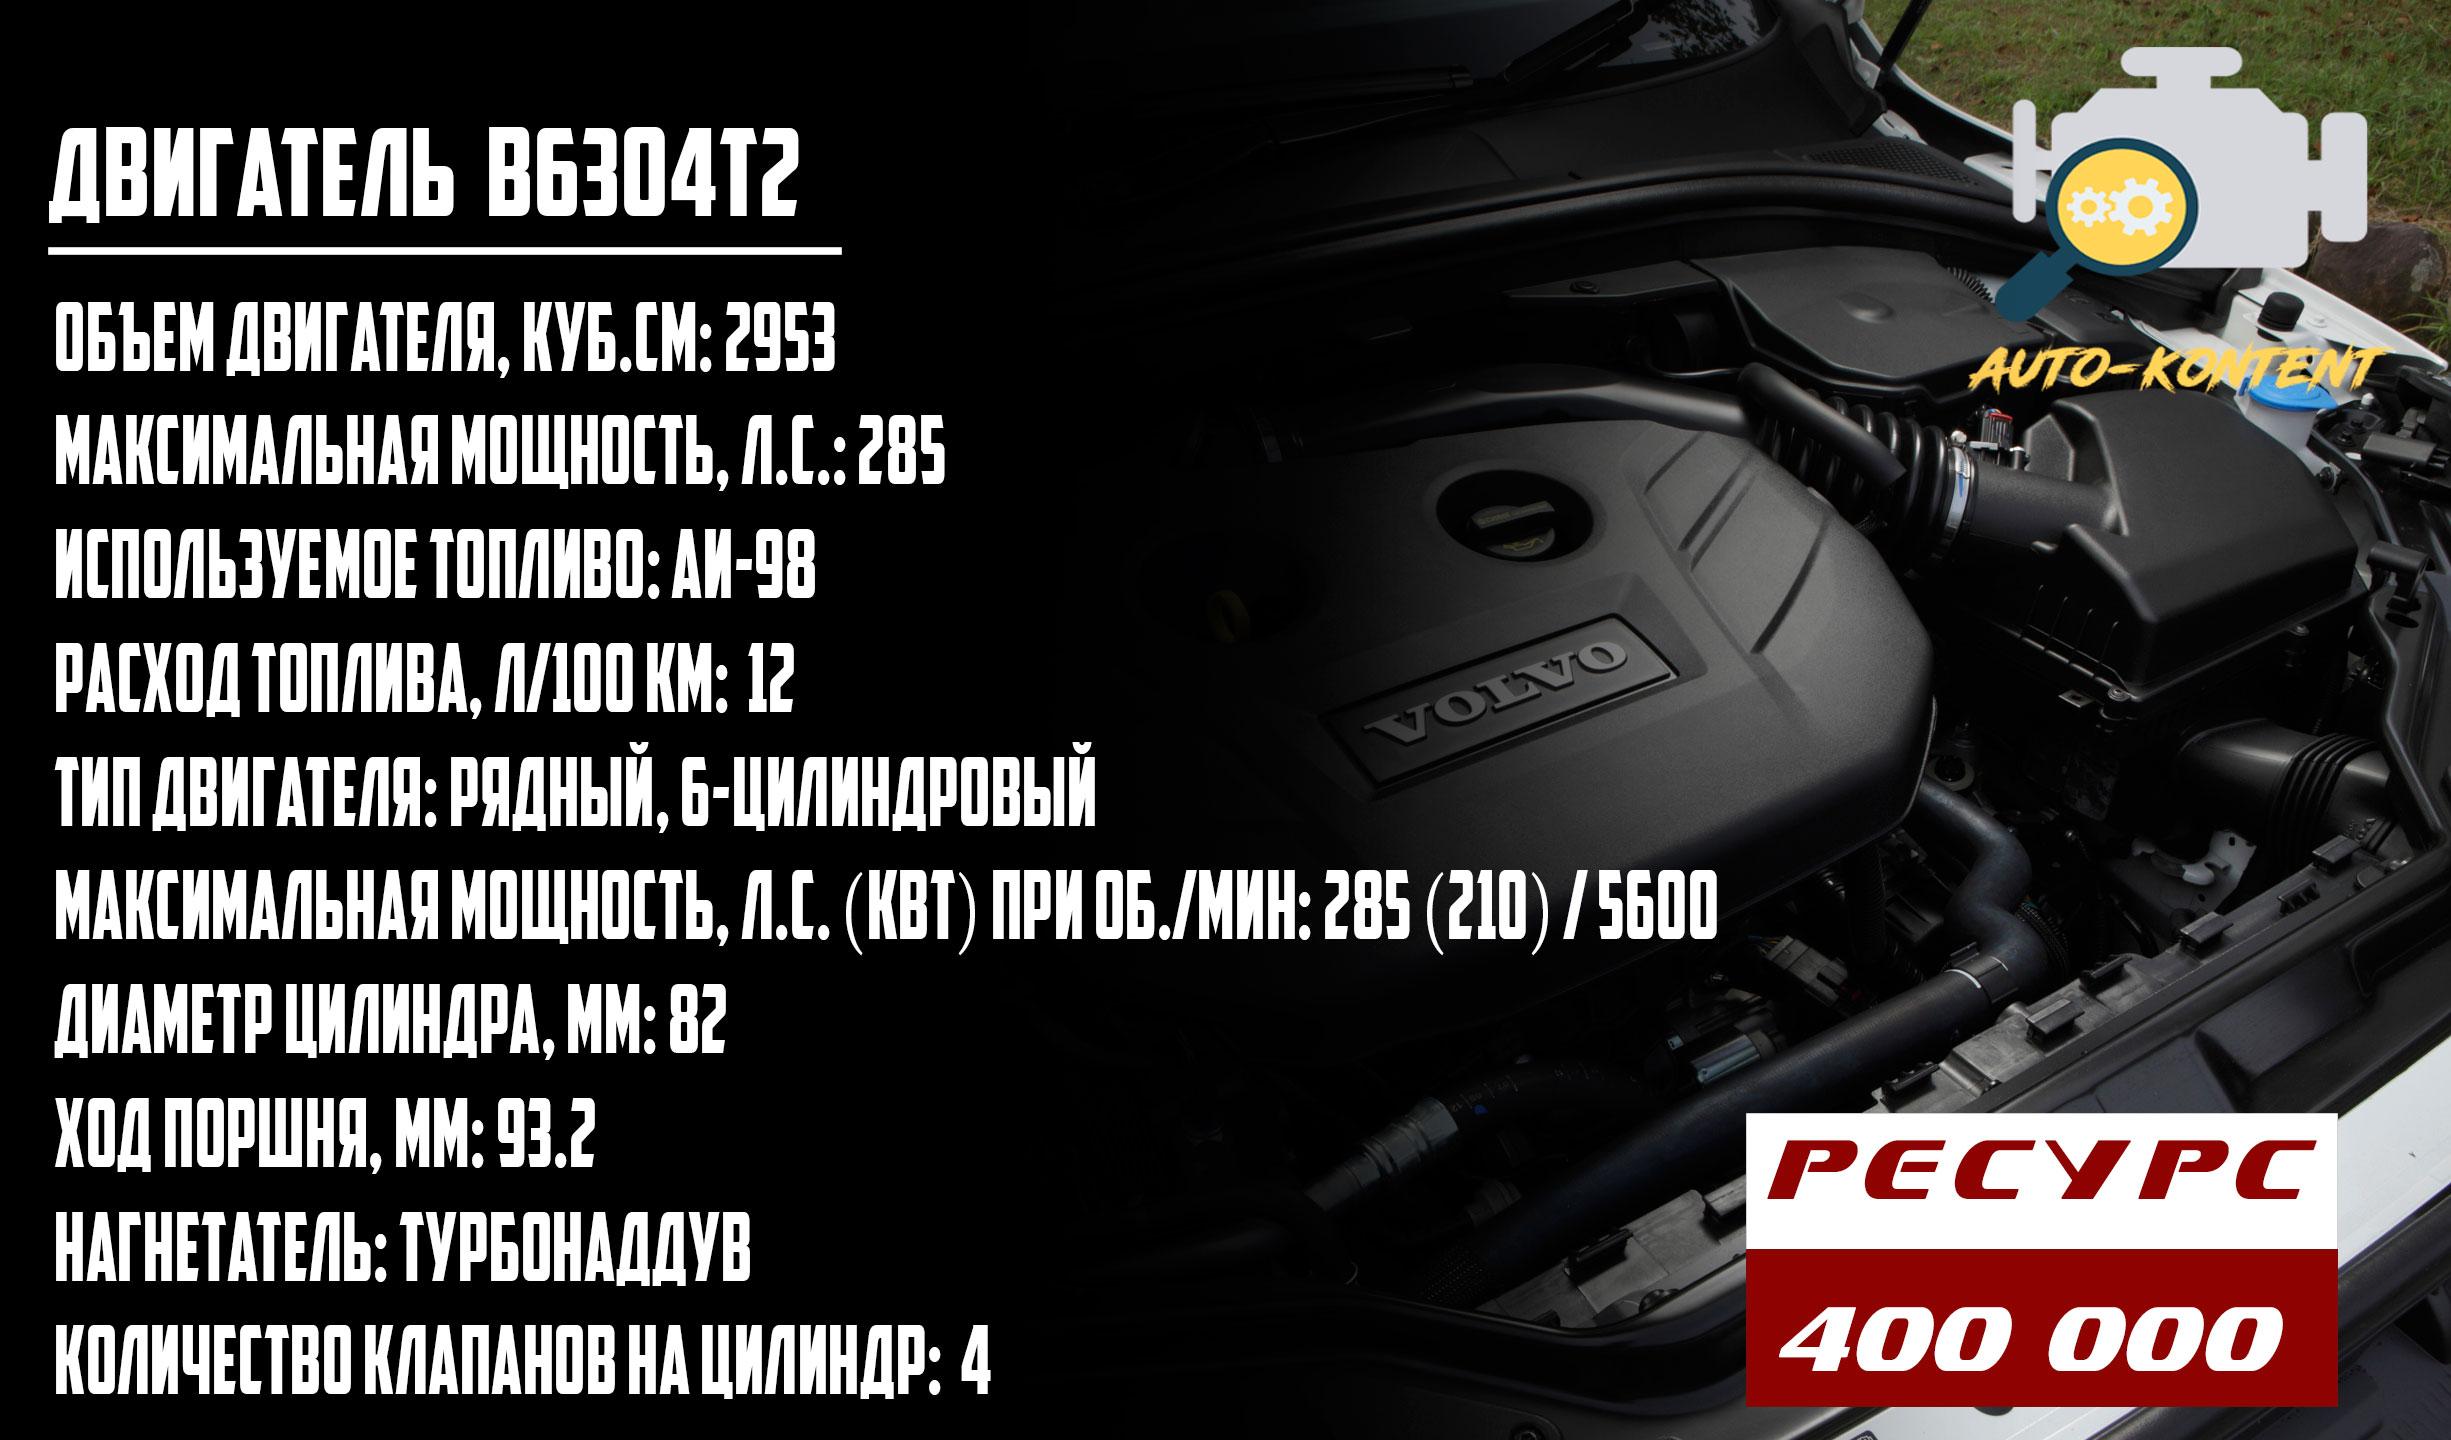 B6304T2